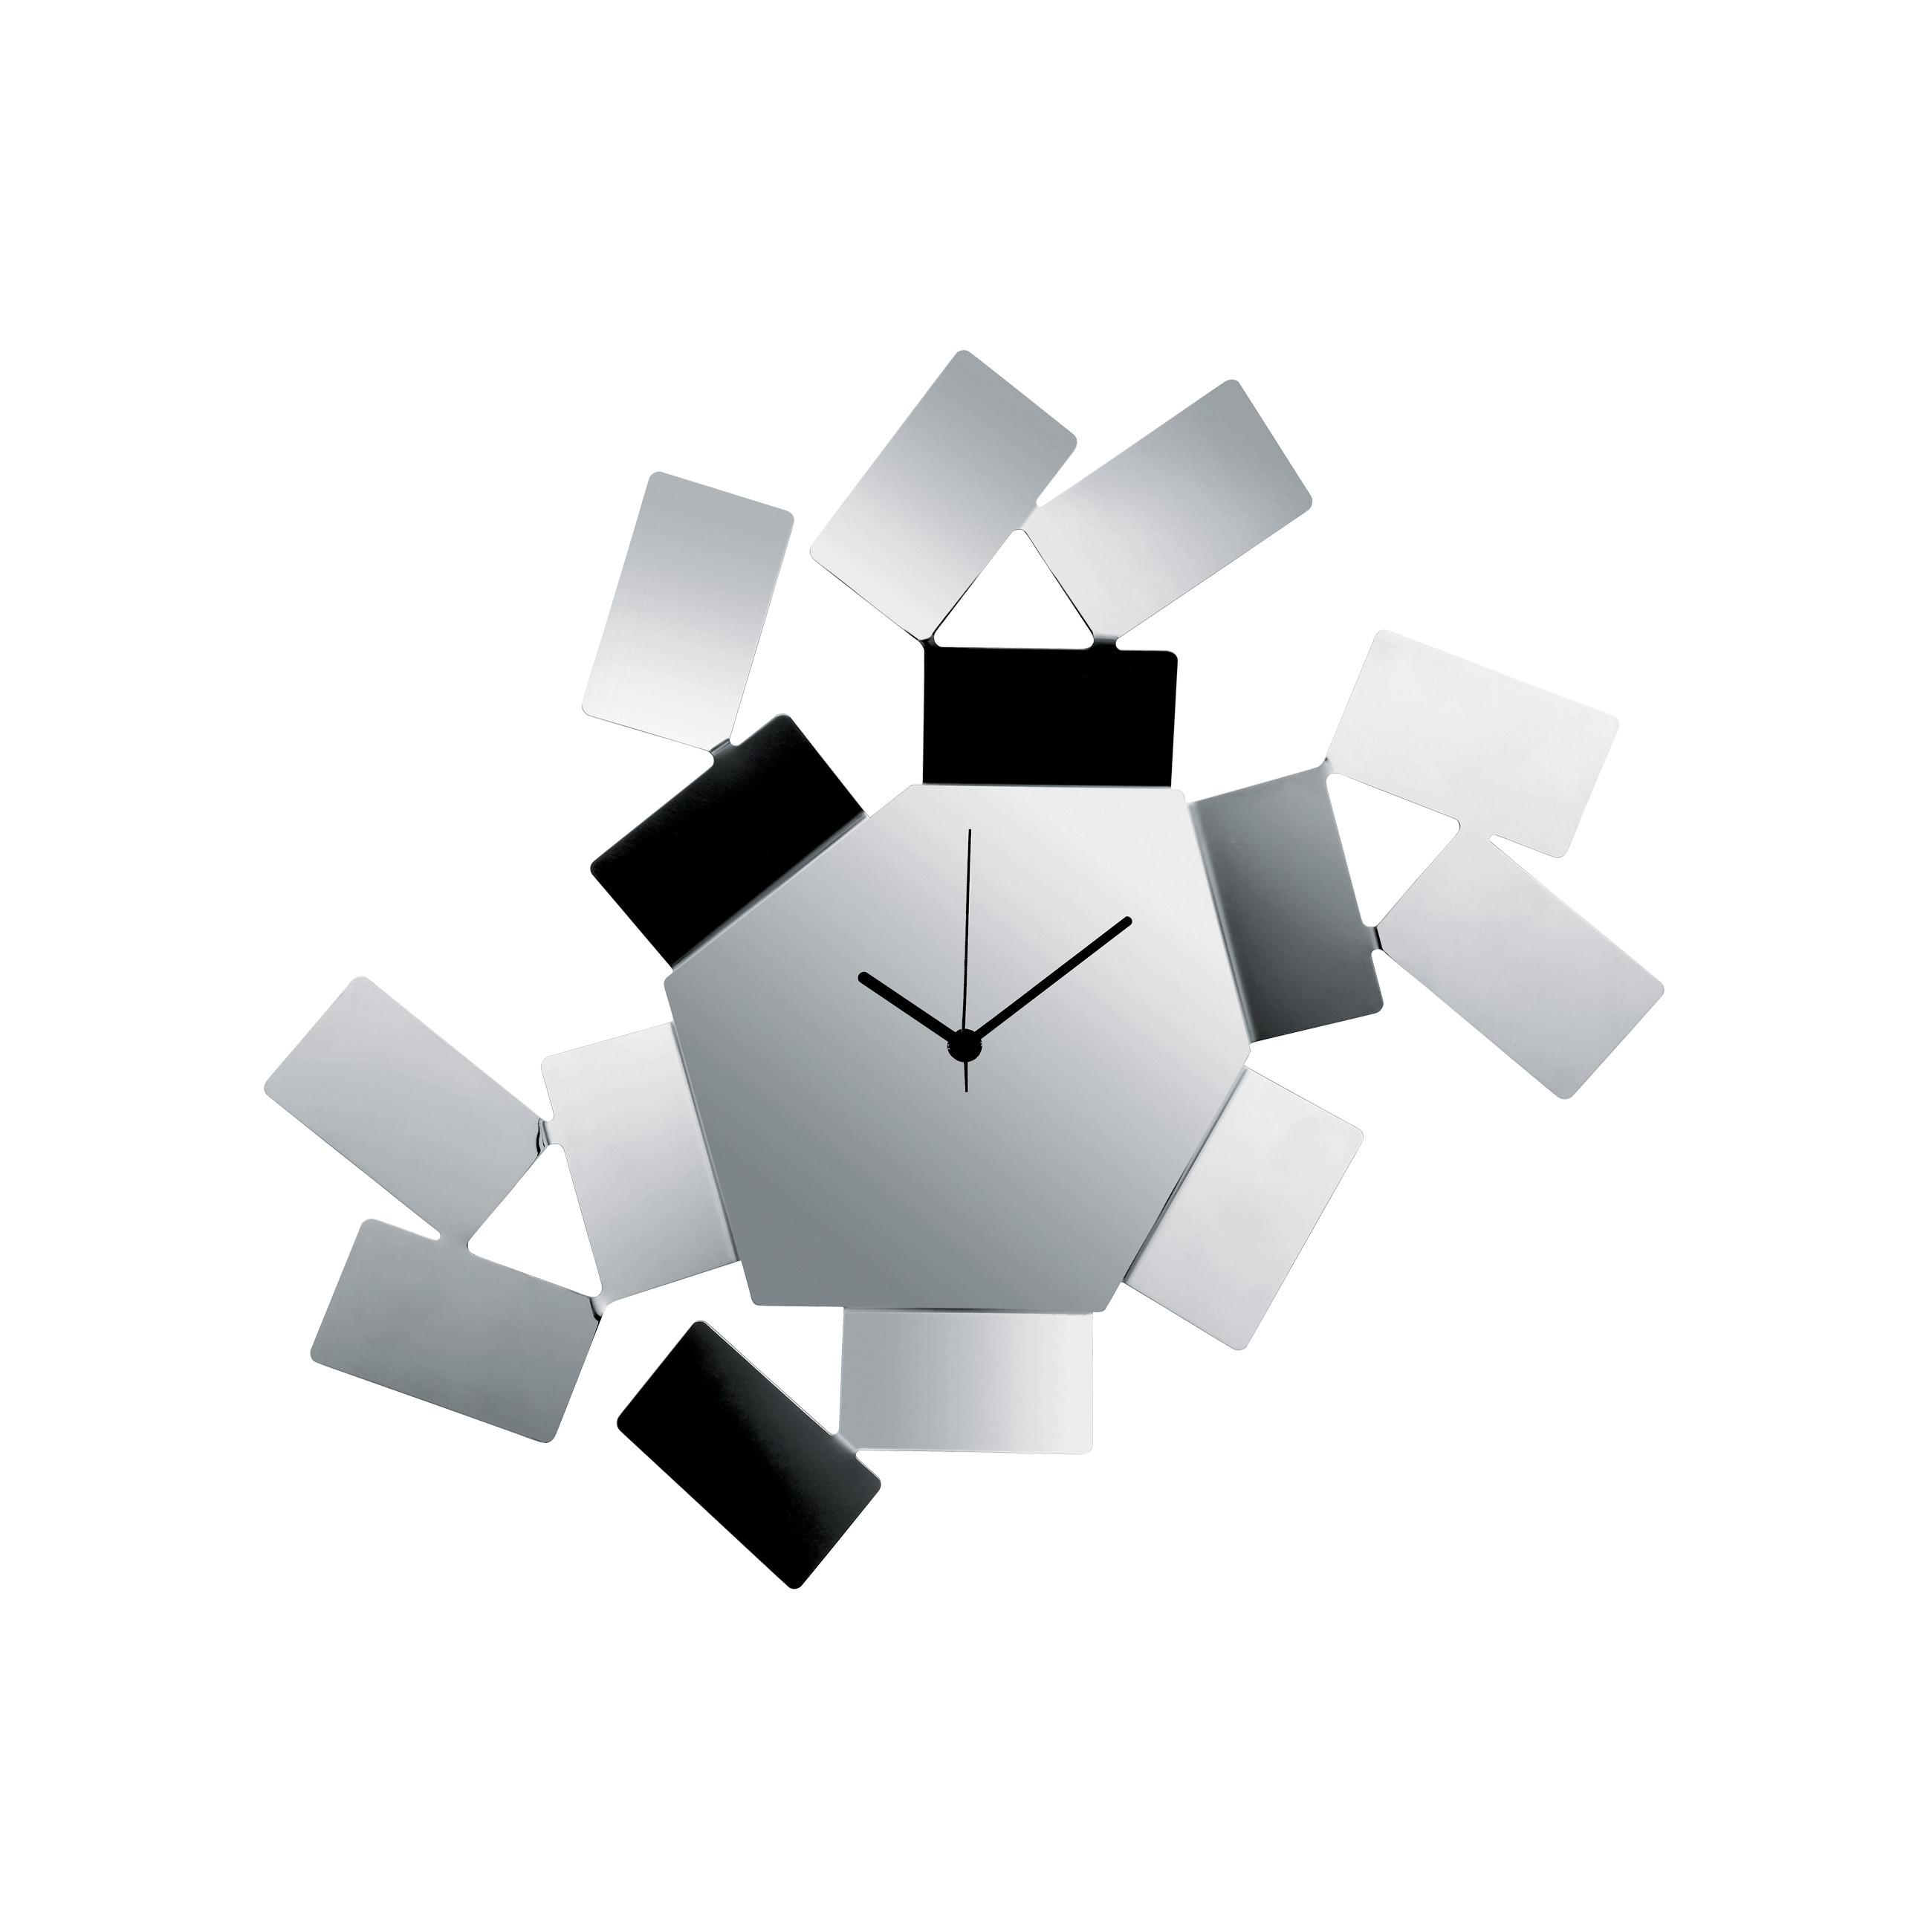 Alessi Klokker (beställning varor)